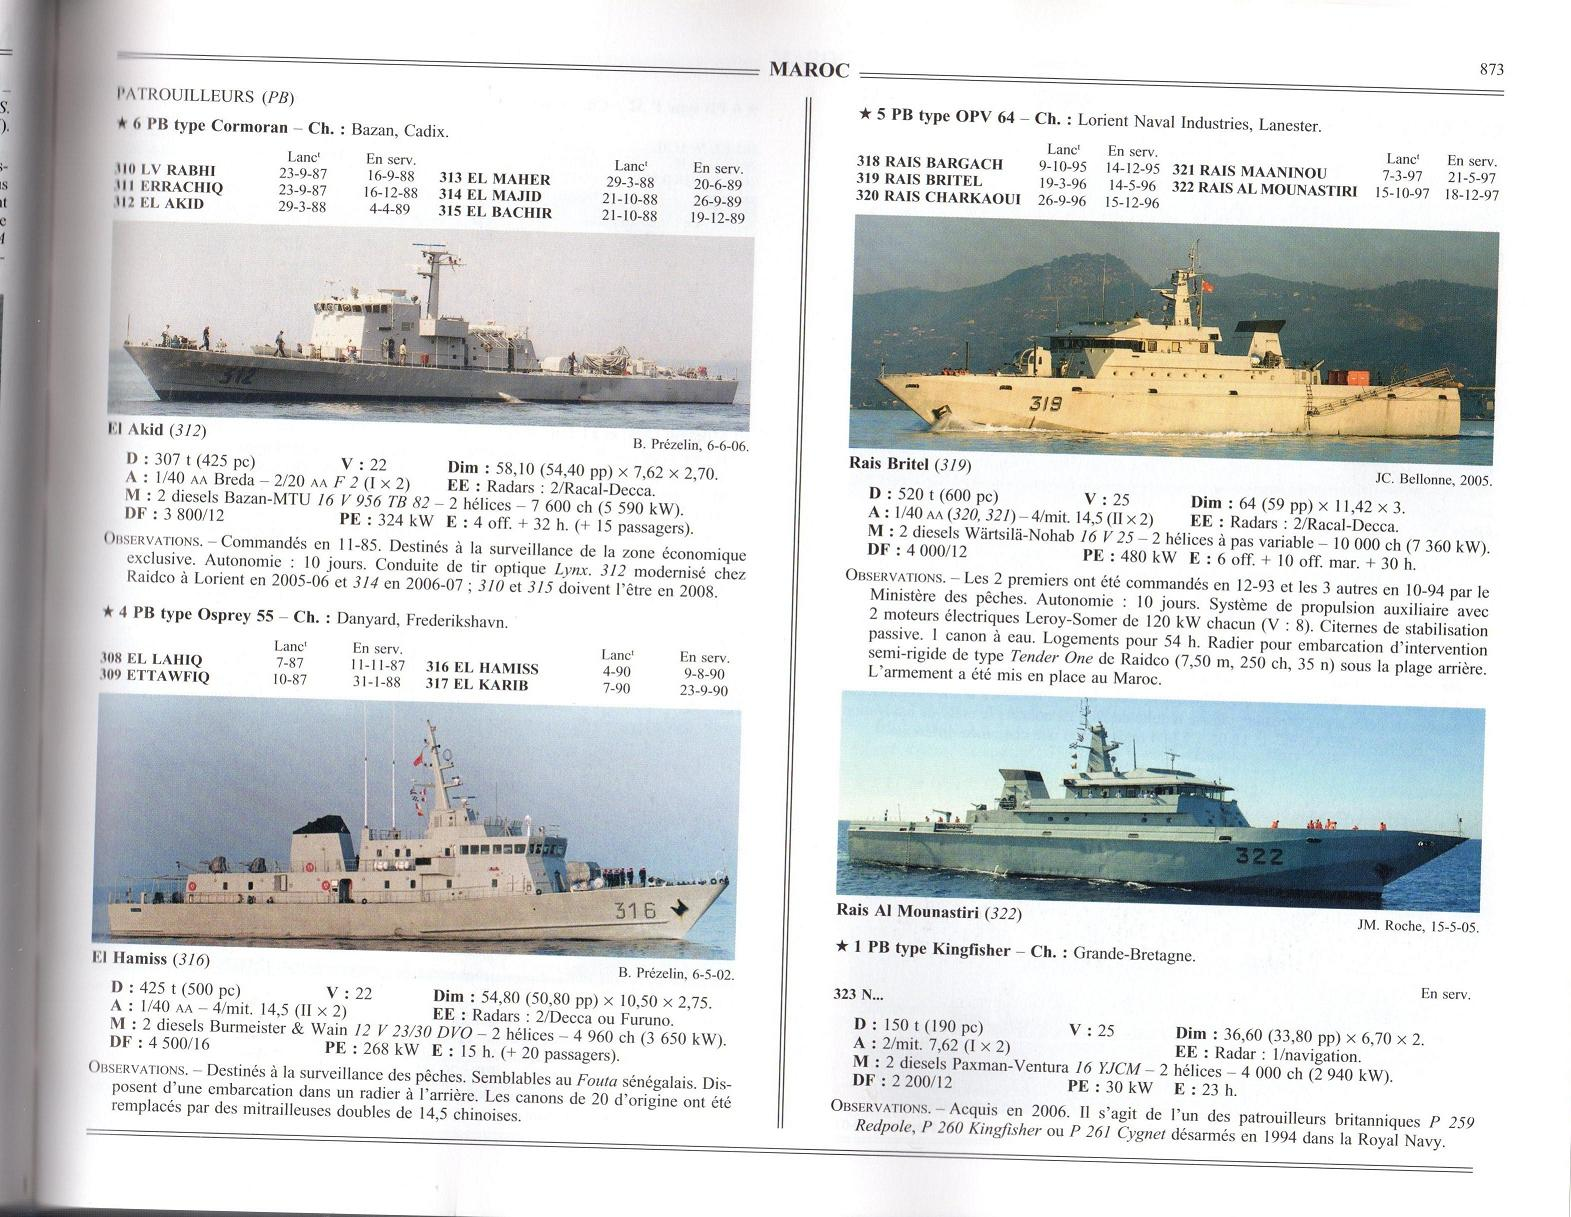 Articles à propos de la Marine Royale Marocaine 08-00310